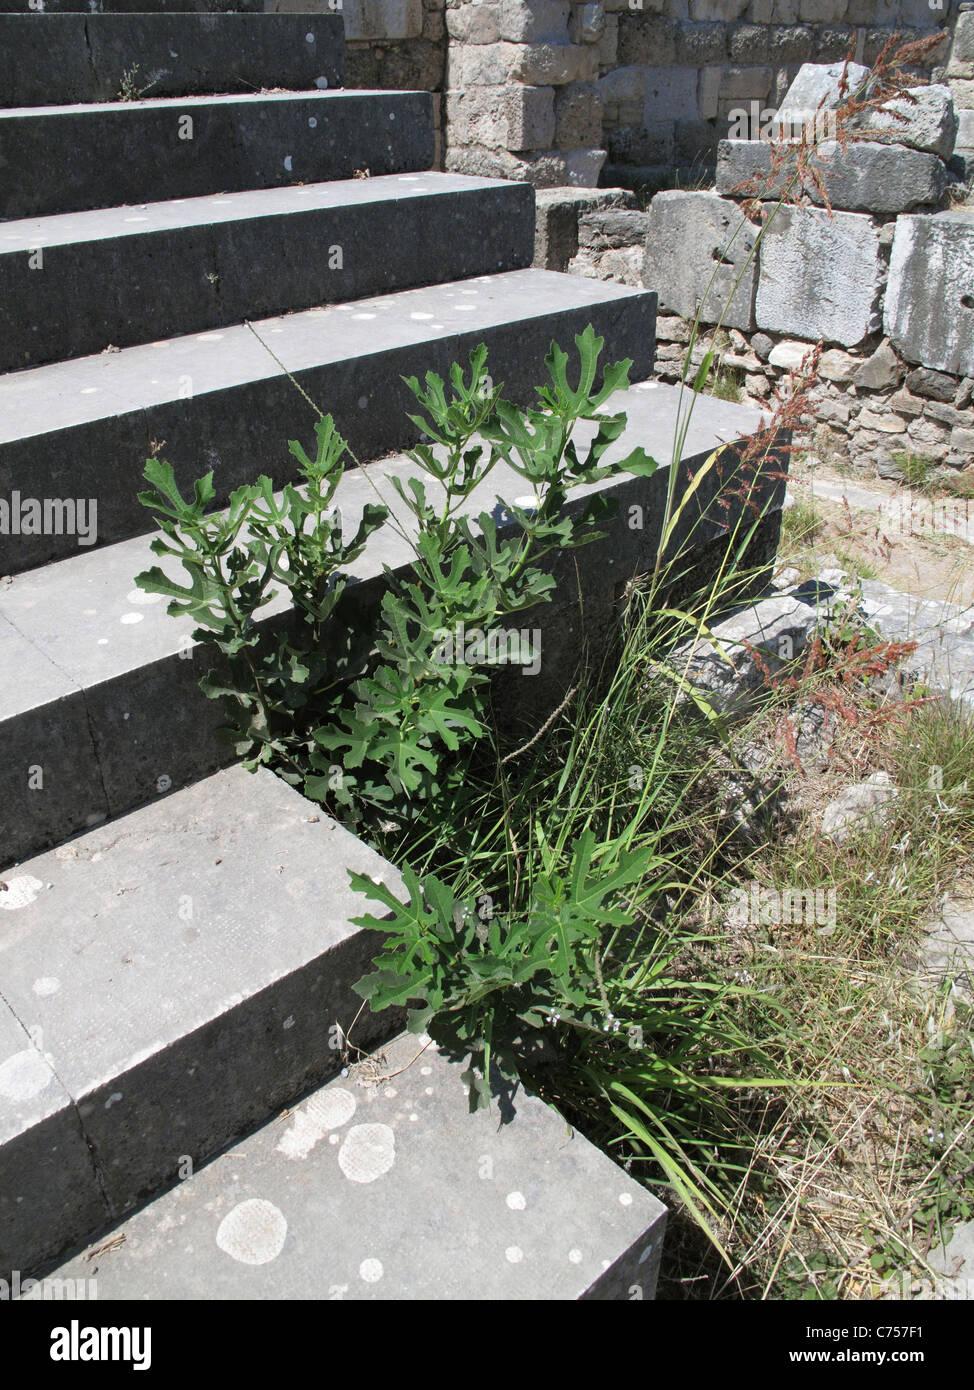 Giovani fig crescente tra le fasi di un antico rudere nei pressi della città di Kos, Kos Immagini Stock